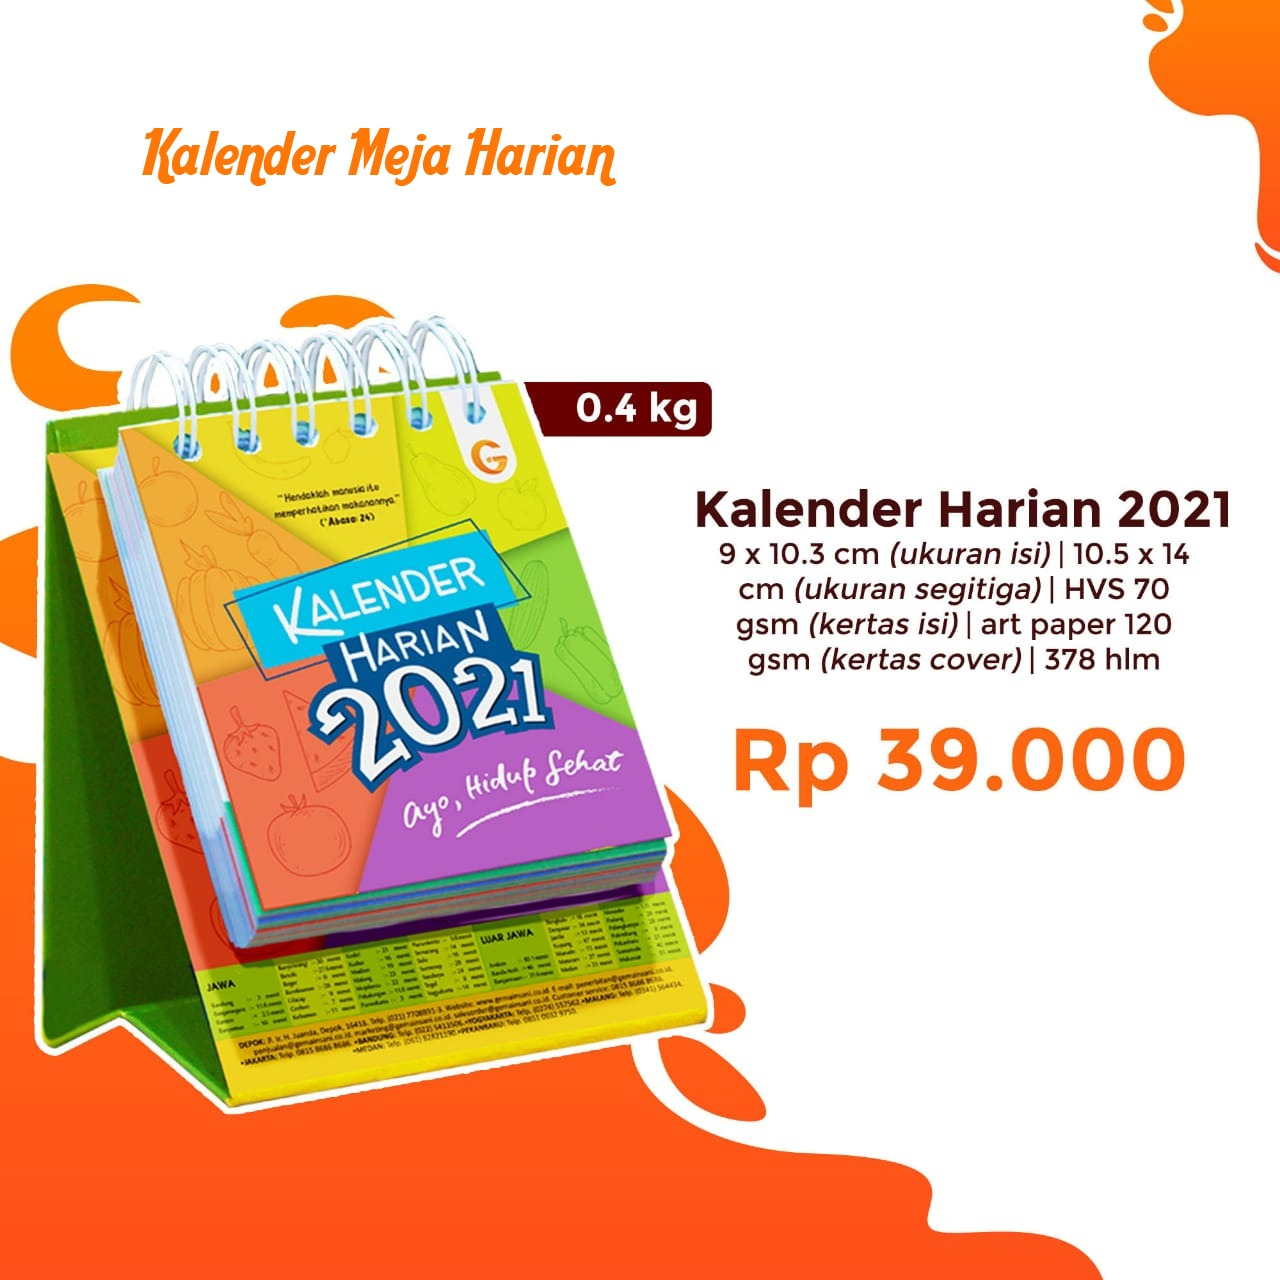 Kalender Harian 2021